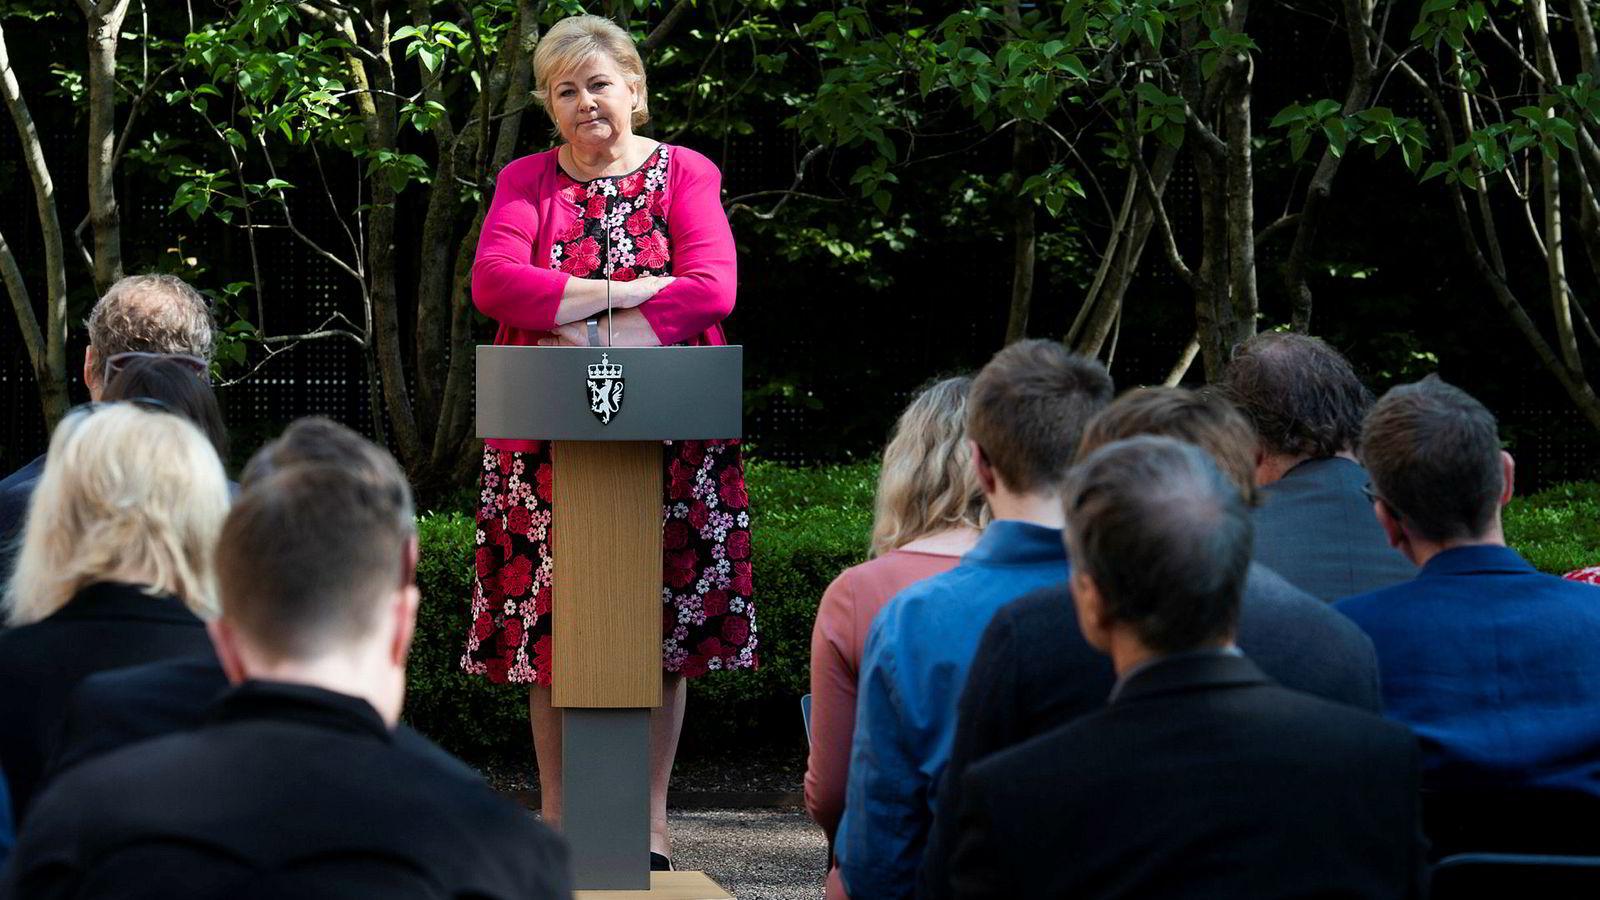 Statsminister Erna Solberg synes ikke det går så verst for regjeringen hennes. Onsdag oppsummerte hun det siste halvåret i hagen utenfor statsministerboligen.